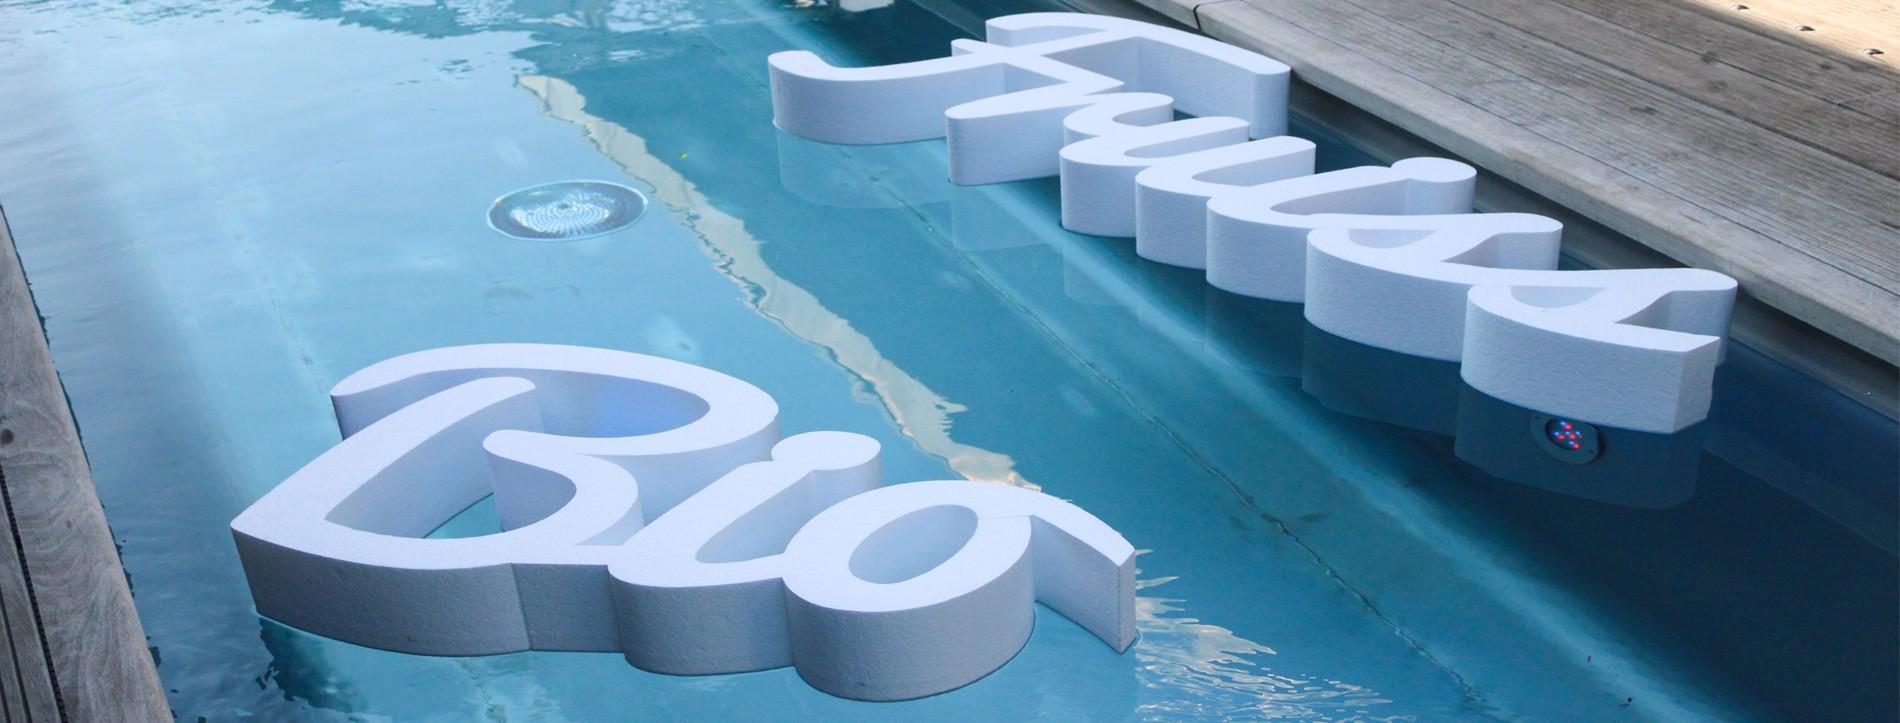 Logo géant Fruiss Bio en polystyrène blanc brut flottant sur une piscine